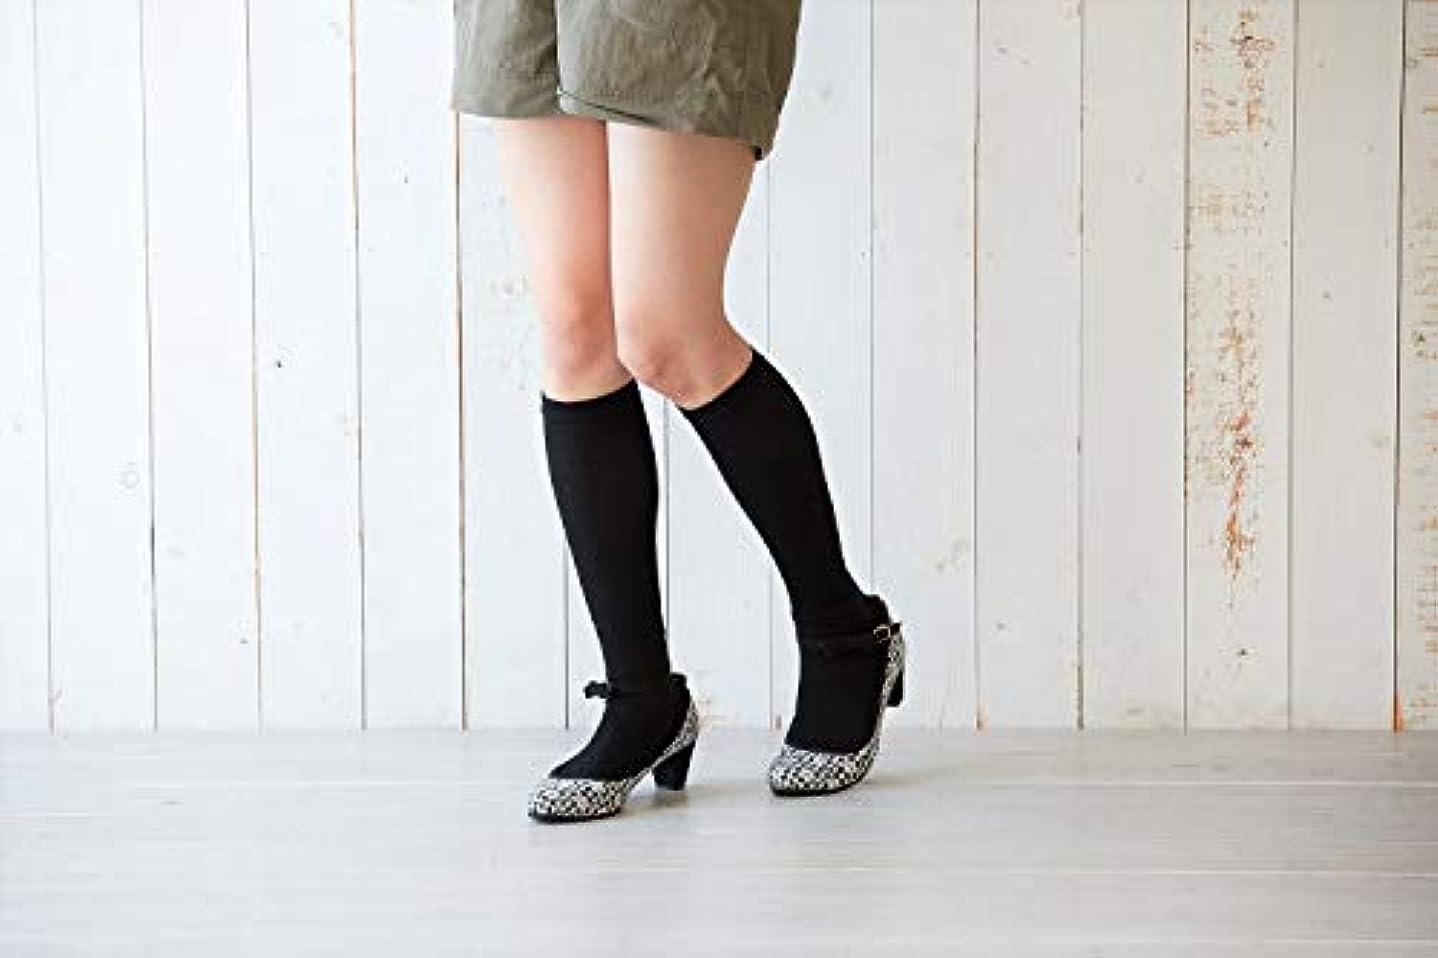 豪華なサポートマウスピース美脚 綿 着圧ソックス 薄手 23-25cm 3足組 足の疲れ むくみ 対策 太陽ニット N1013P (ベージュ)